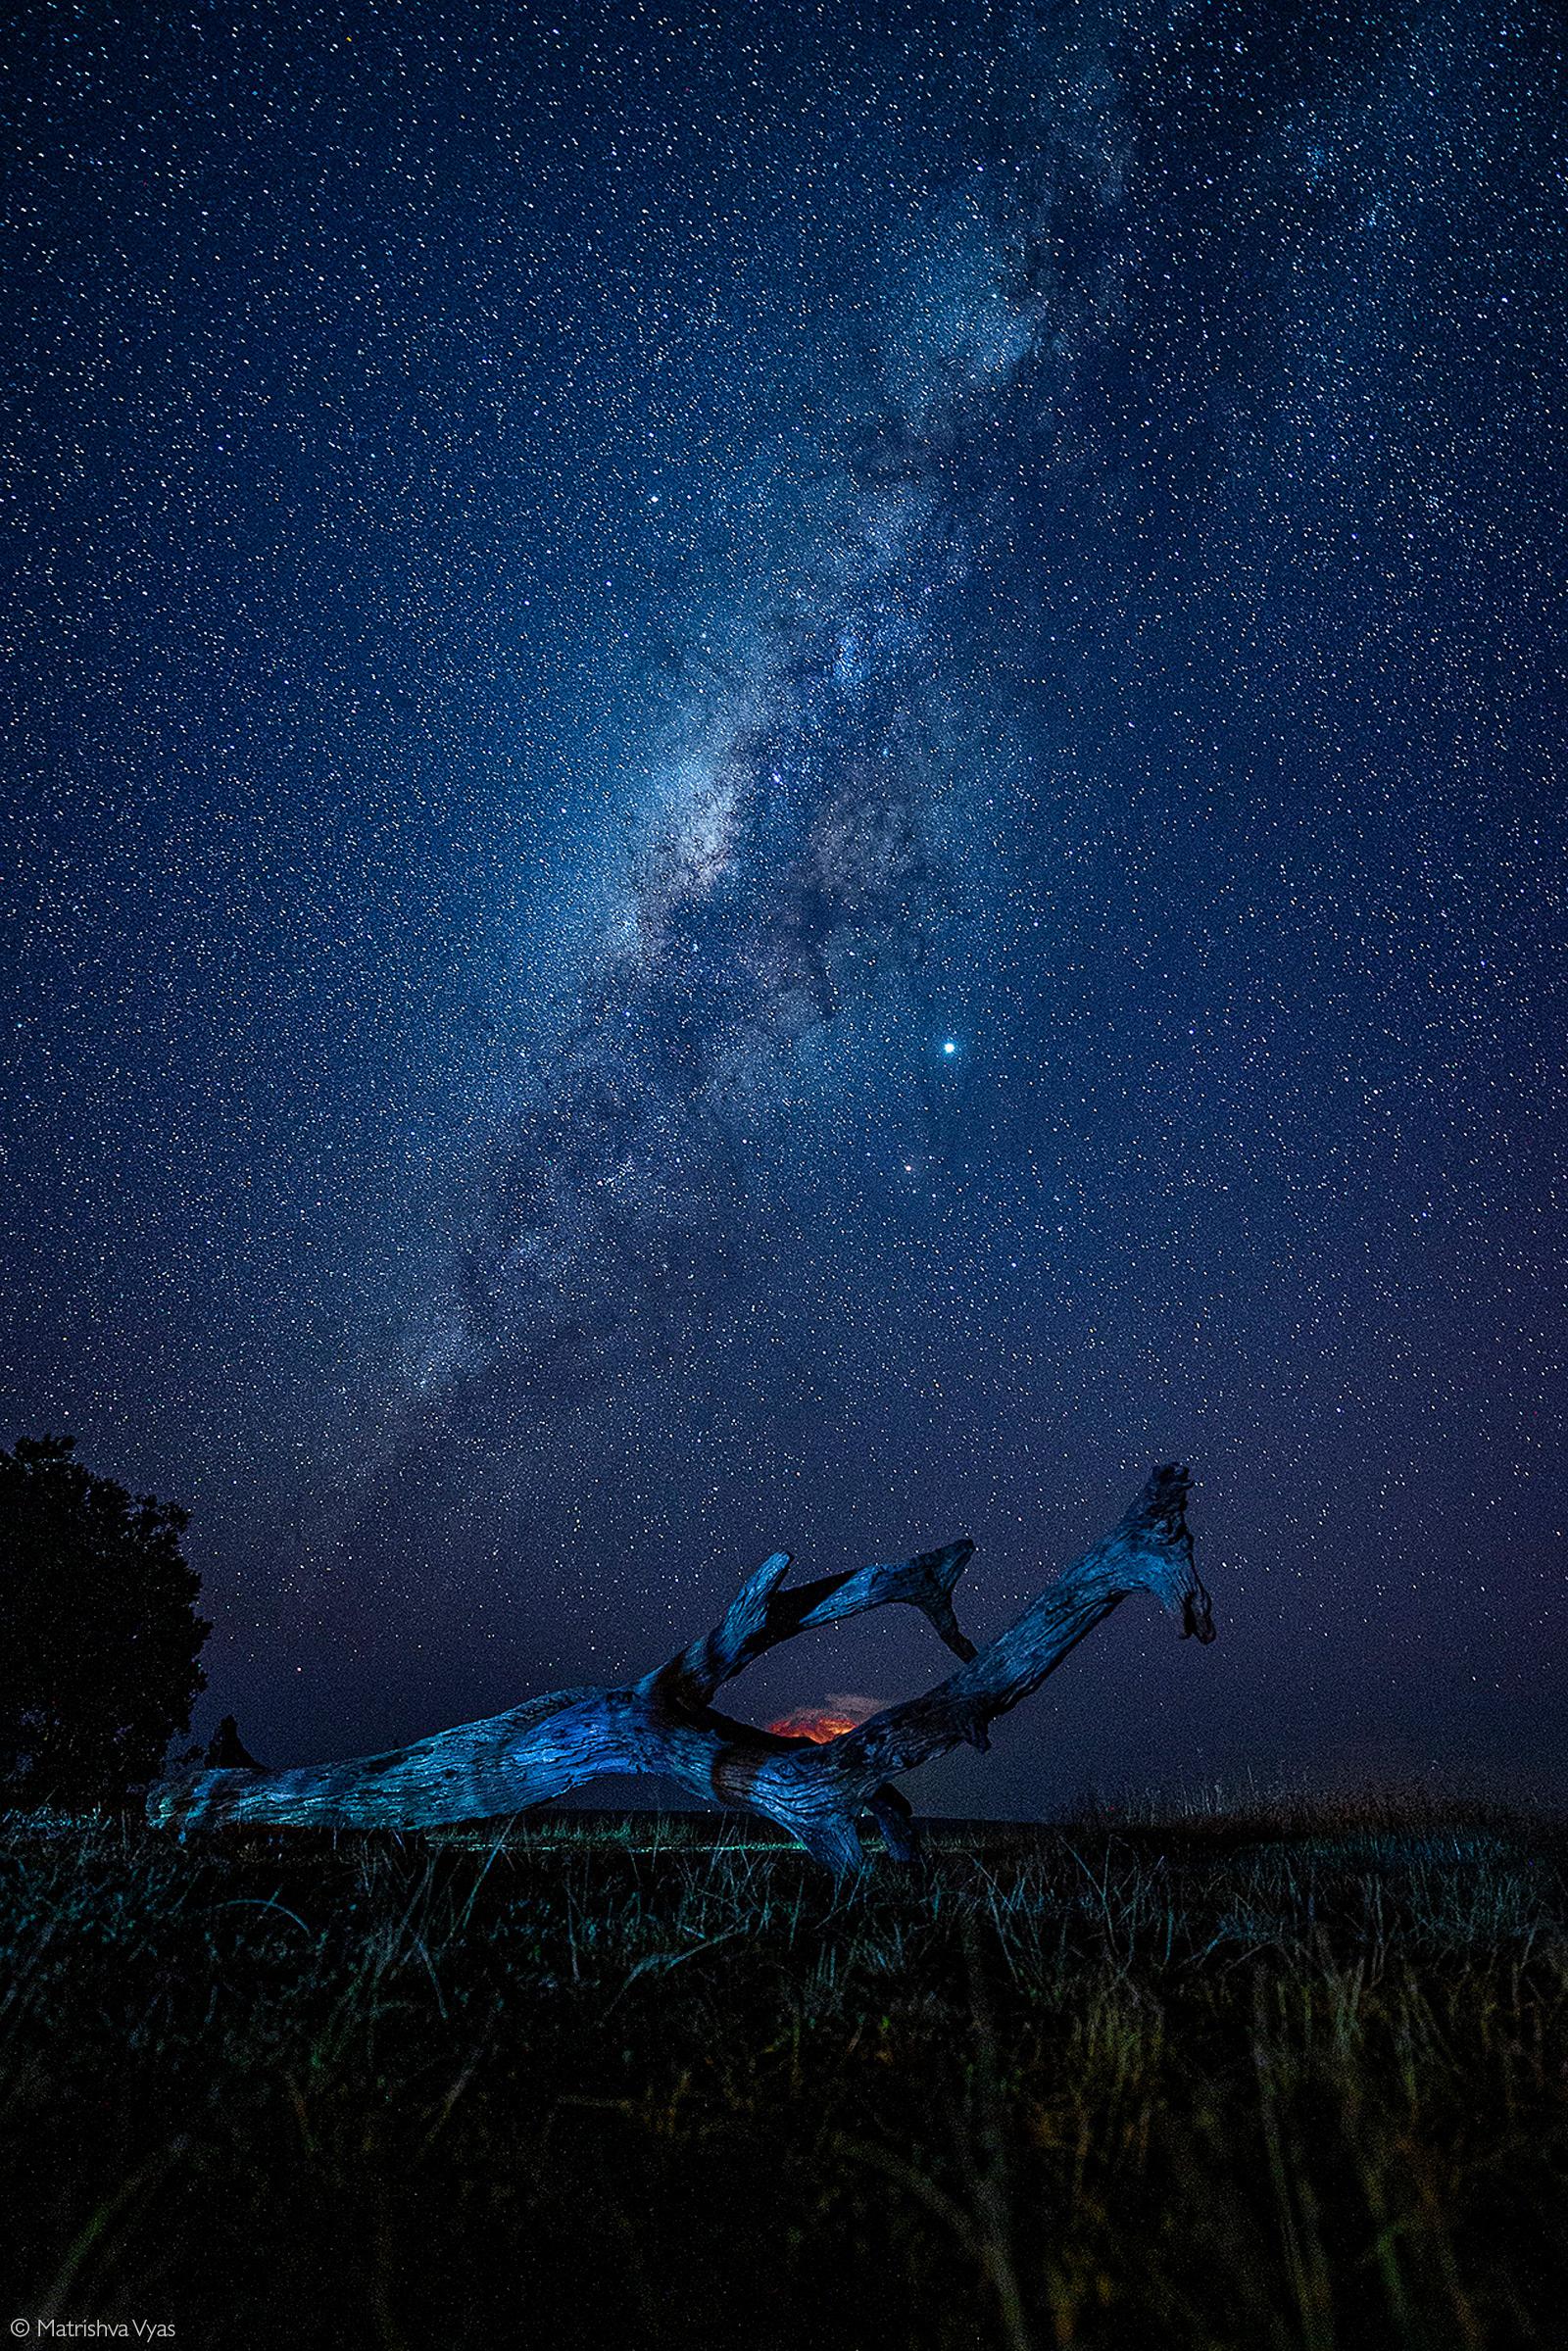 Starscape. Maasai Mara National Reserve, Kenya © Matrishva Vyas